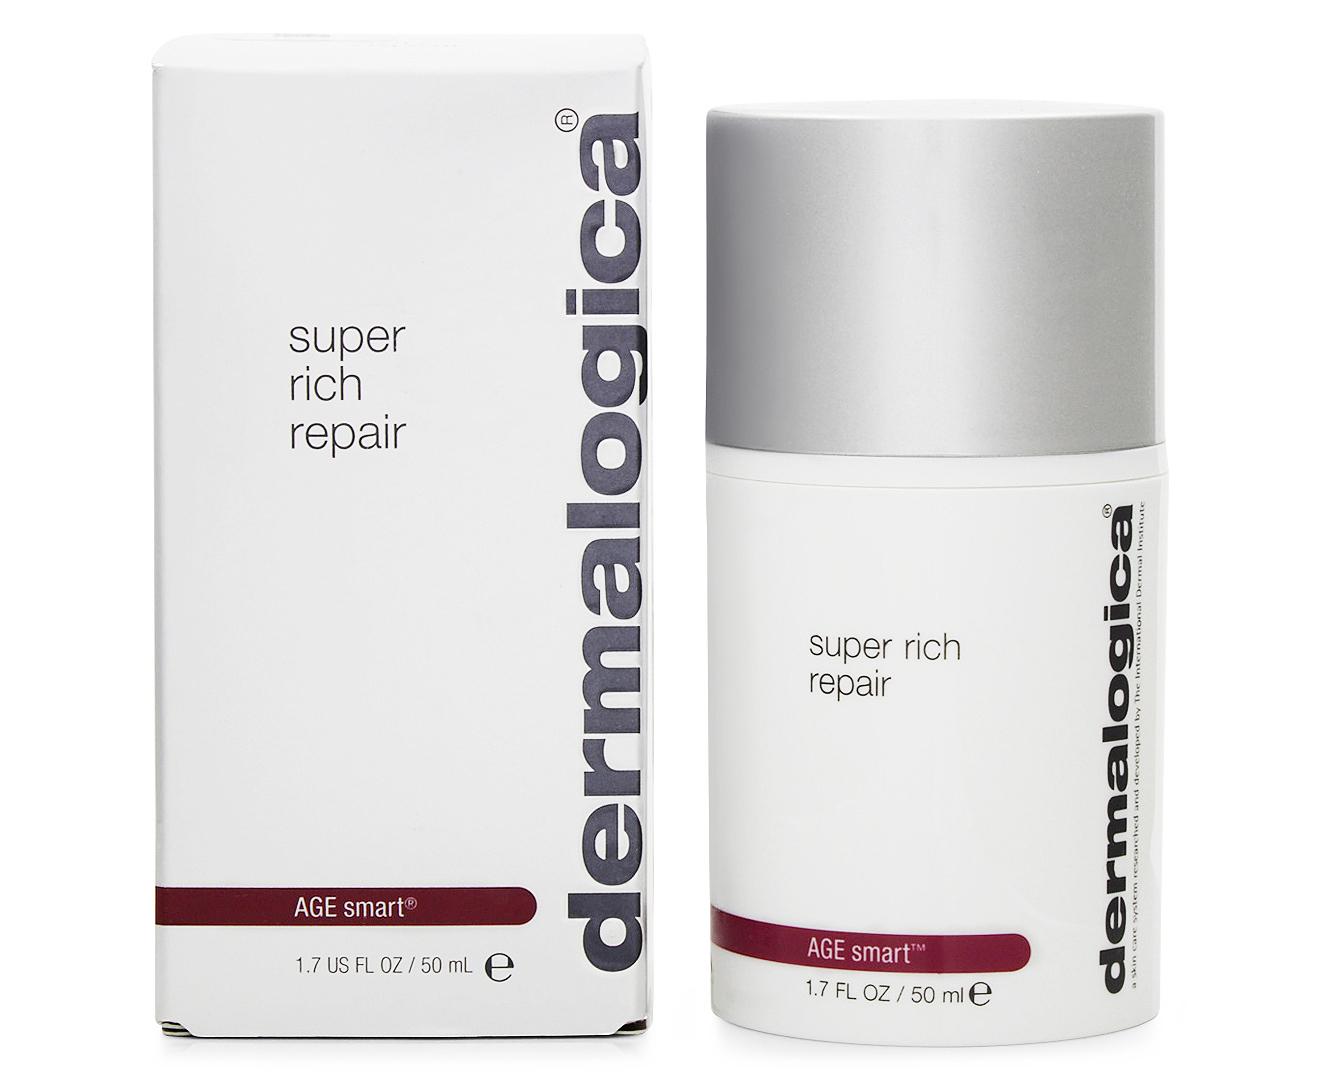 Dermalogica Super Rich Repair 50mL 666151030978 | eBay